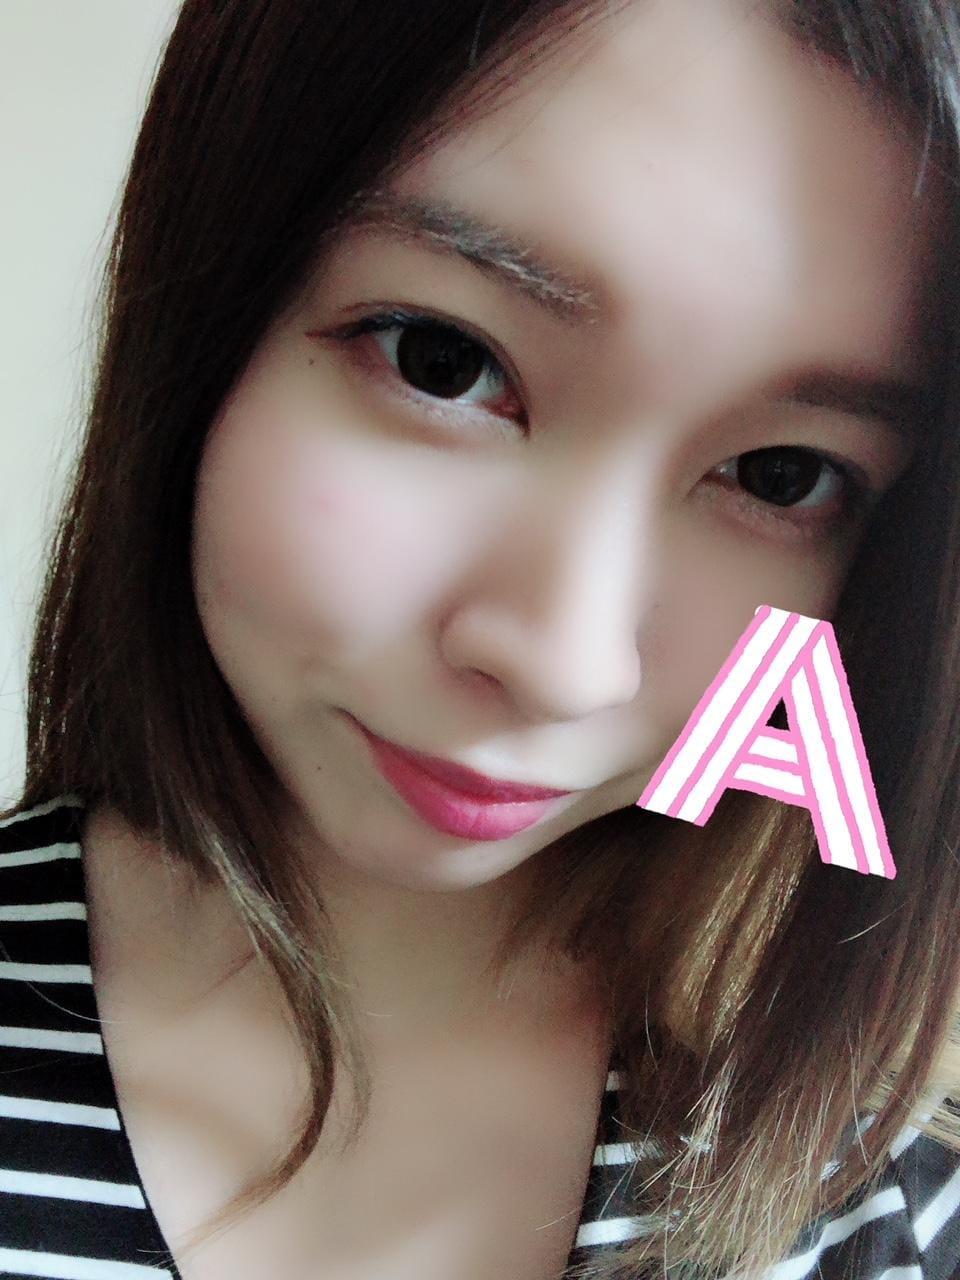 「こんばんは」06/21(06/21) 19:31 | あいかの写メ・風俗動画